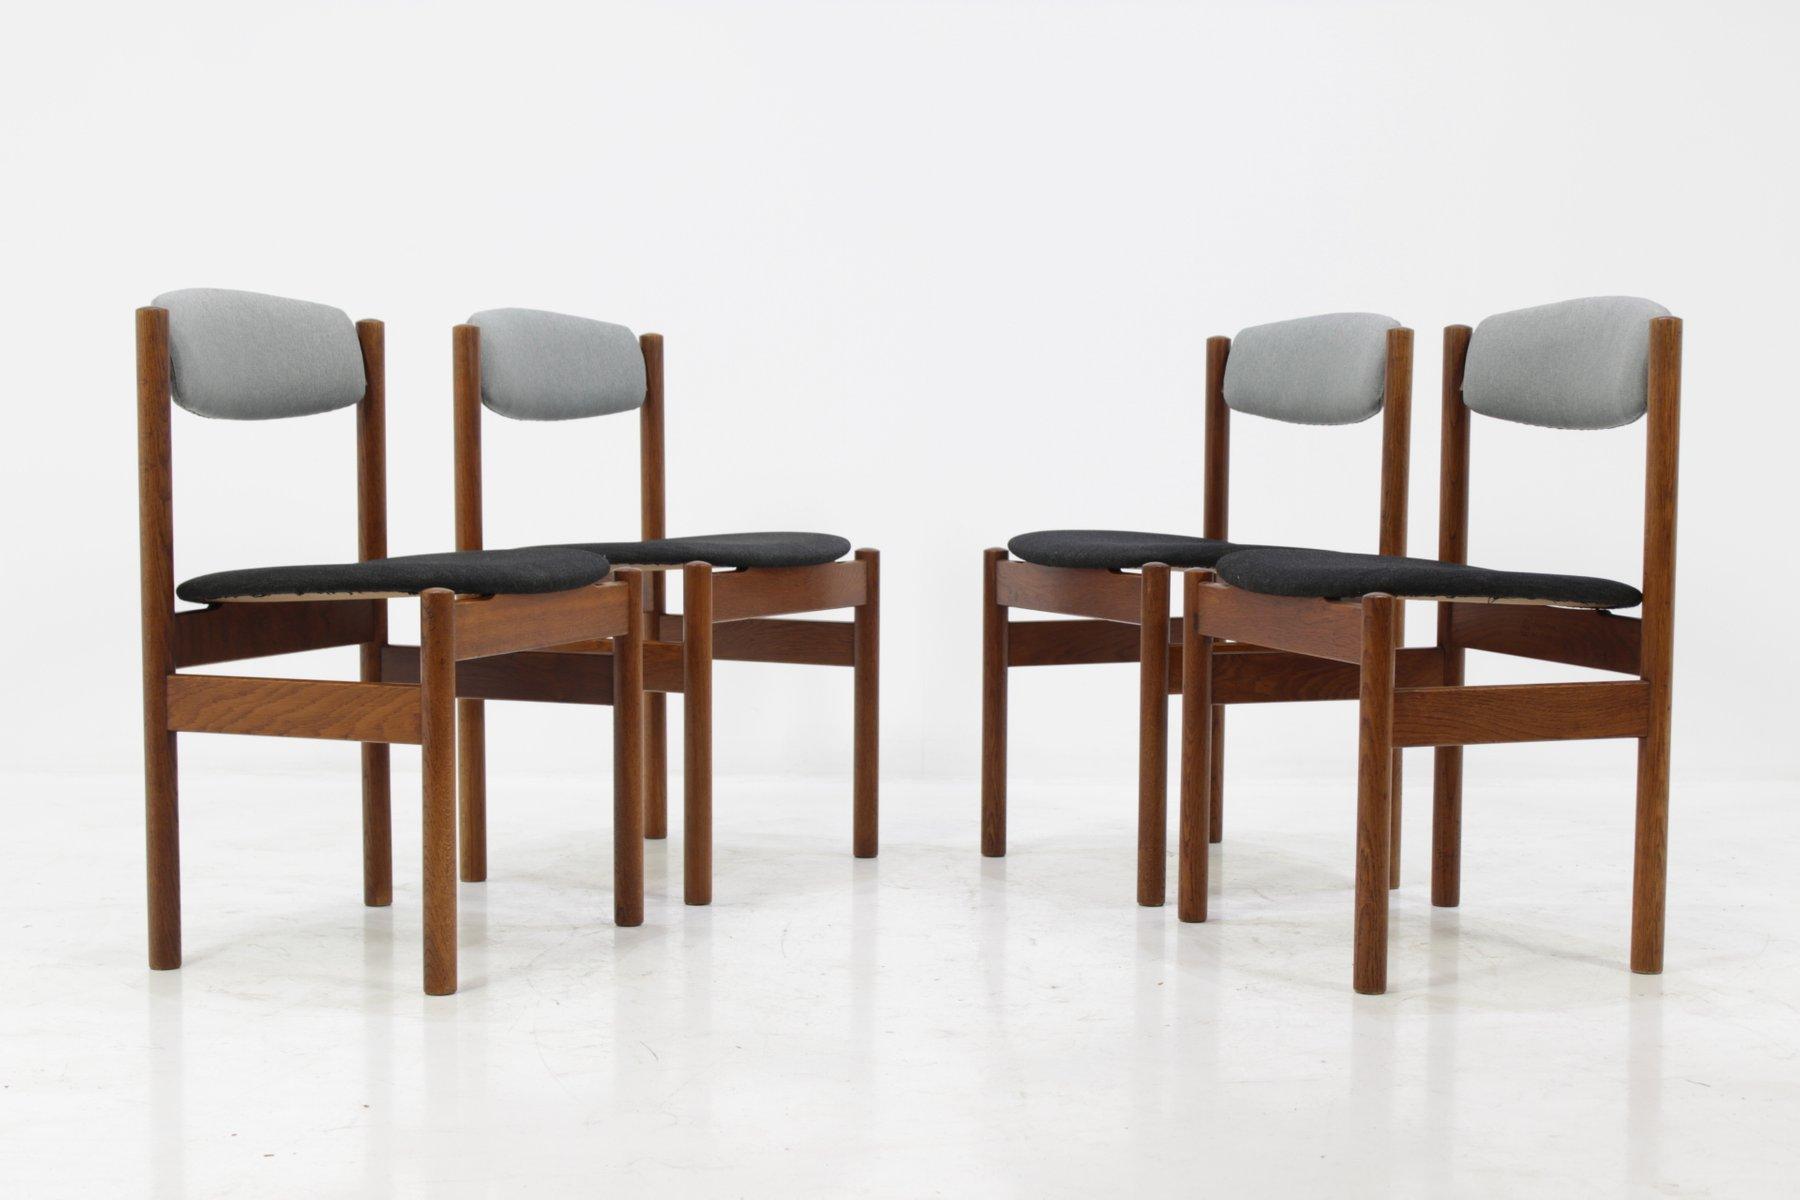 chaises de salle manger vintage de fdb m bler danemark 1960s set de 4 en vente sur pamono. Black Bedroom Furniture Sets. Home Design Ideas